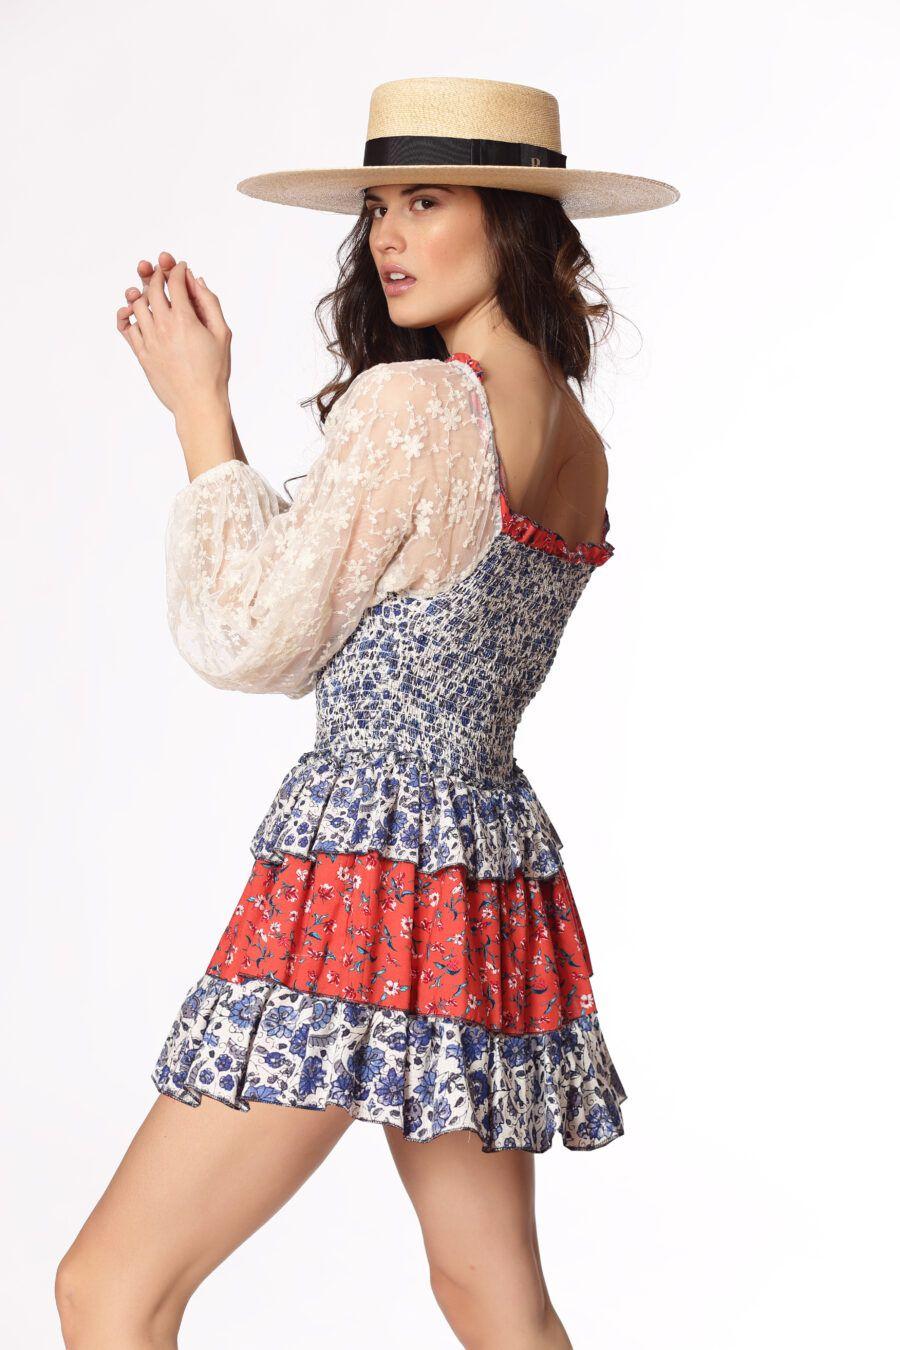 La combinación de estampados y tejidos, junto con el patrón tan sexi y favorecedor, hace que este vestido se convierta en uno de vuestros favoritos esta temporada. 80%COTTON 20%VISCOSE Alabama Shop